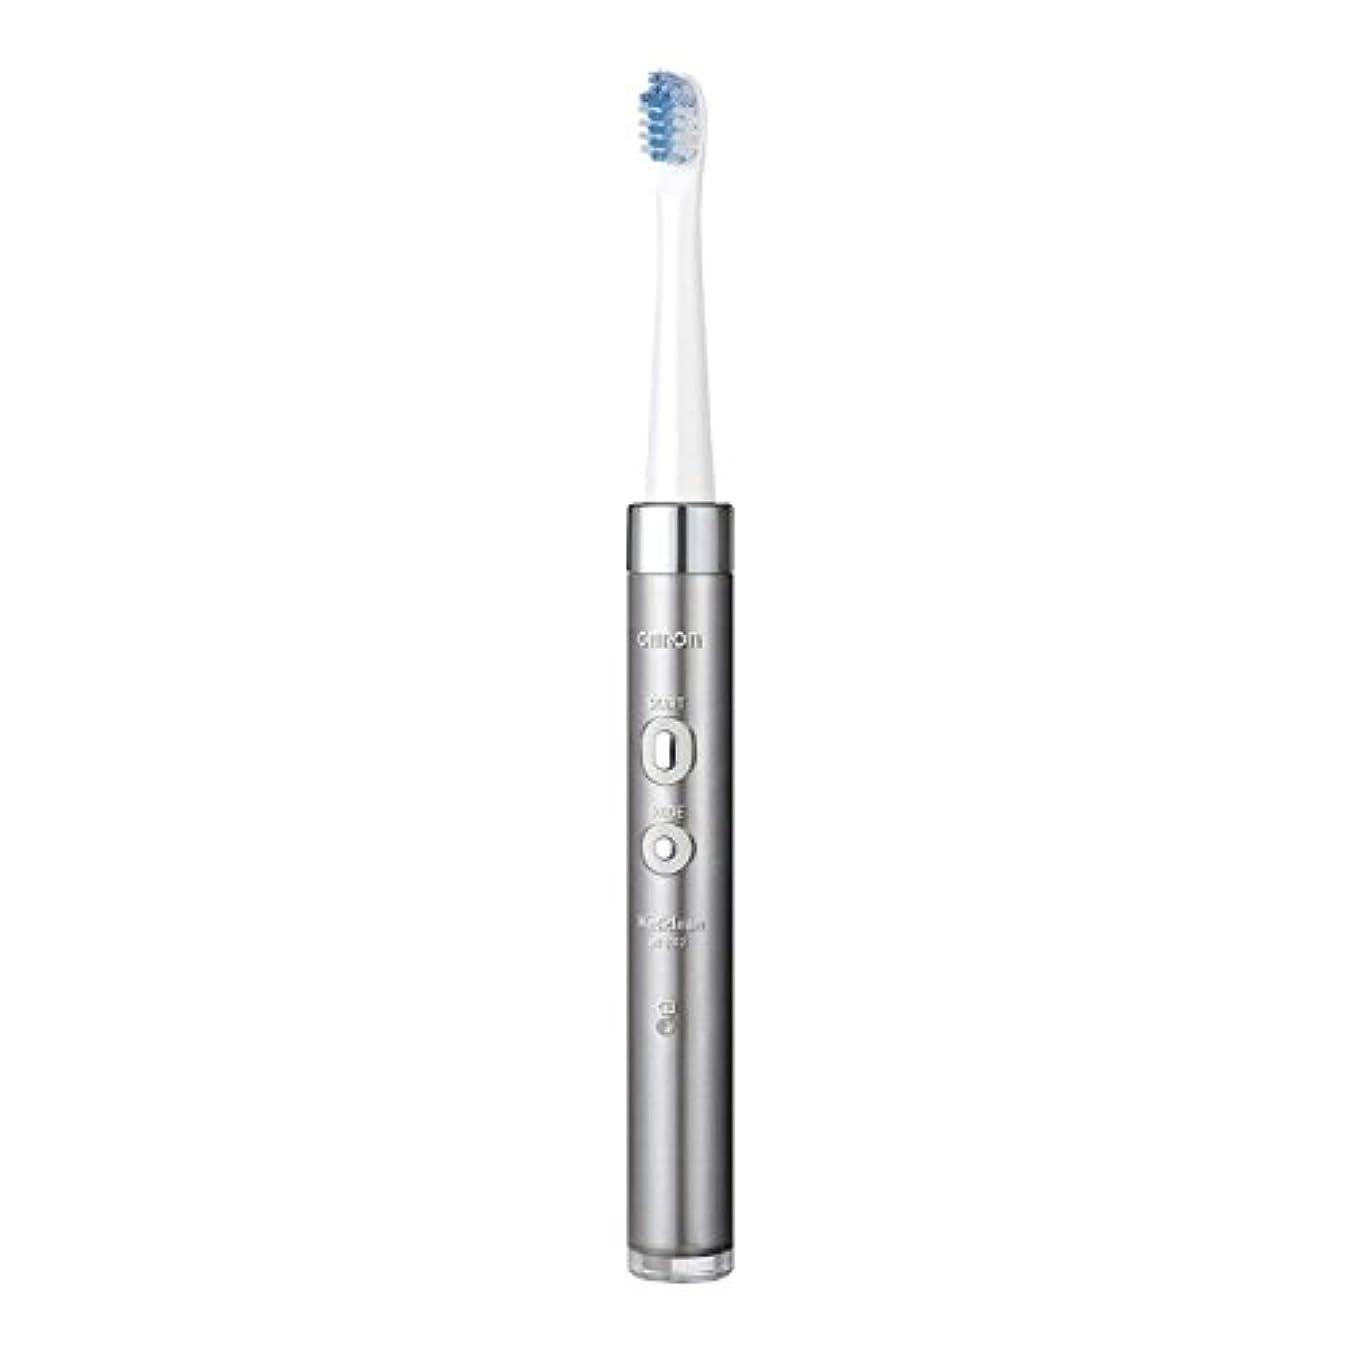 プレゼント覚醒篭オムロンヘルスケア 音波式電動歯ブラシ HT-B312-SL シルバー